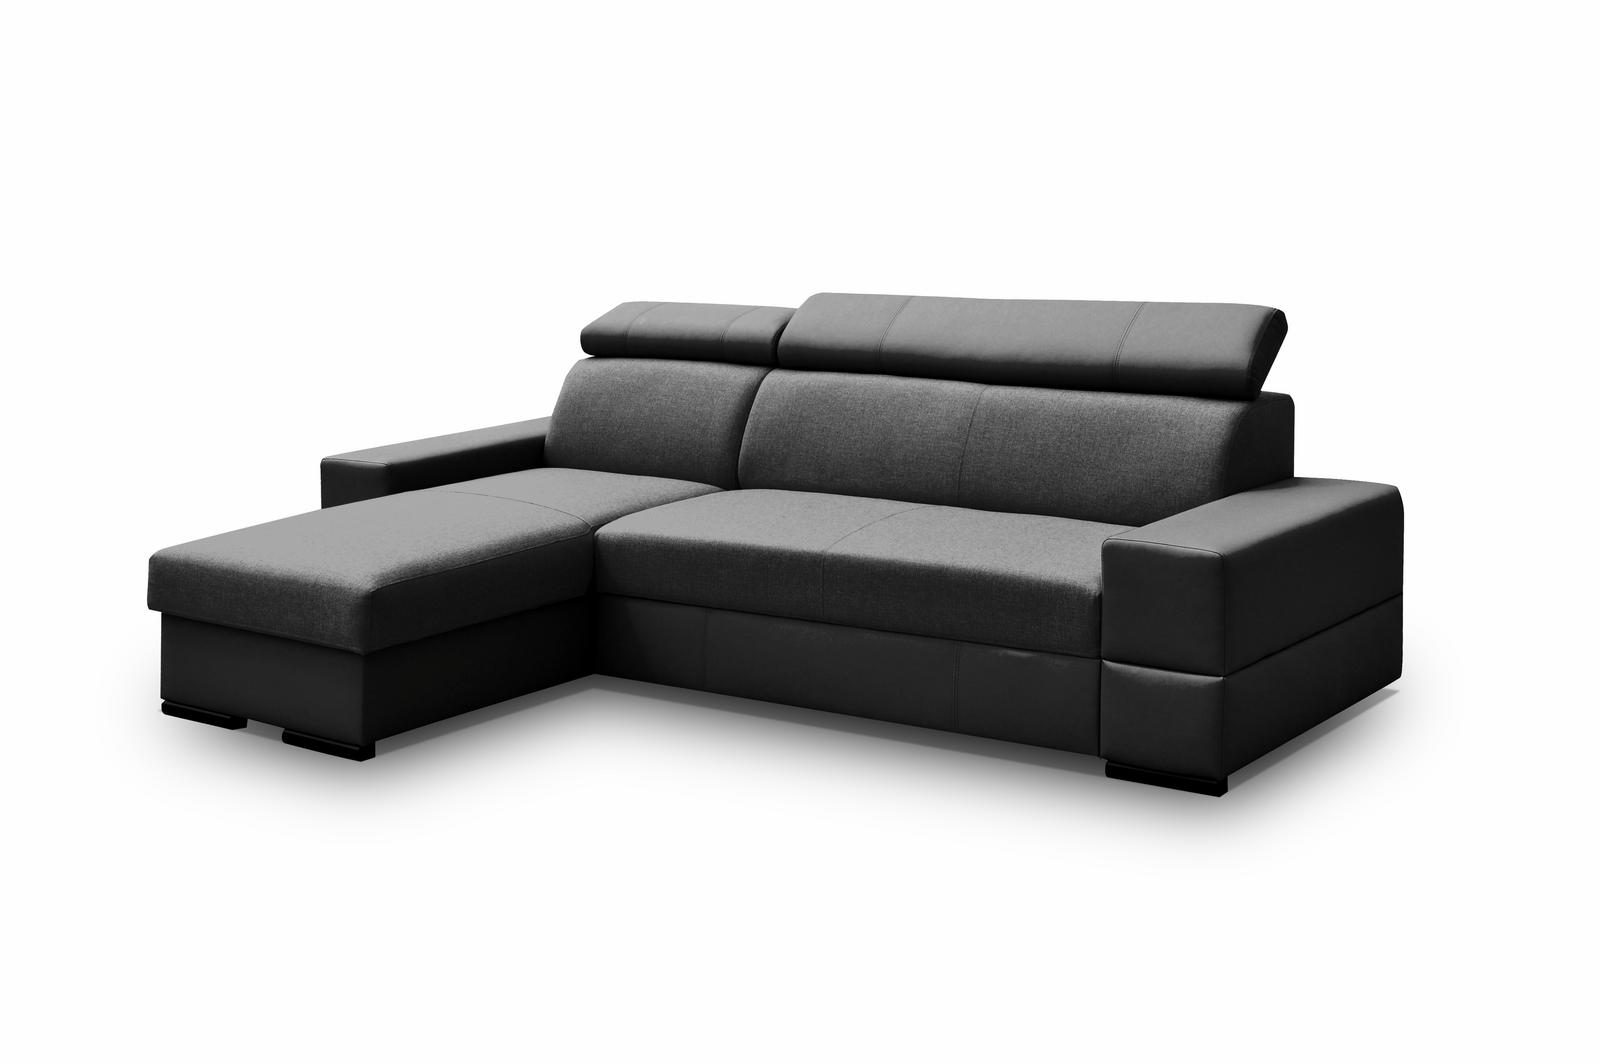 Smartshop Rohová sedačka CORTINA Flexi 3, univerzální, černá látka/ černá ekokůže